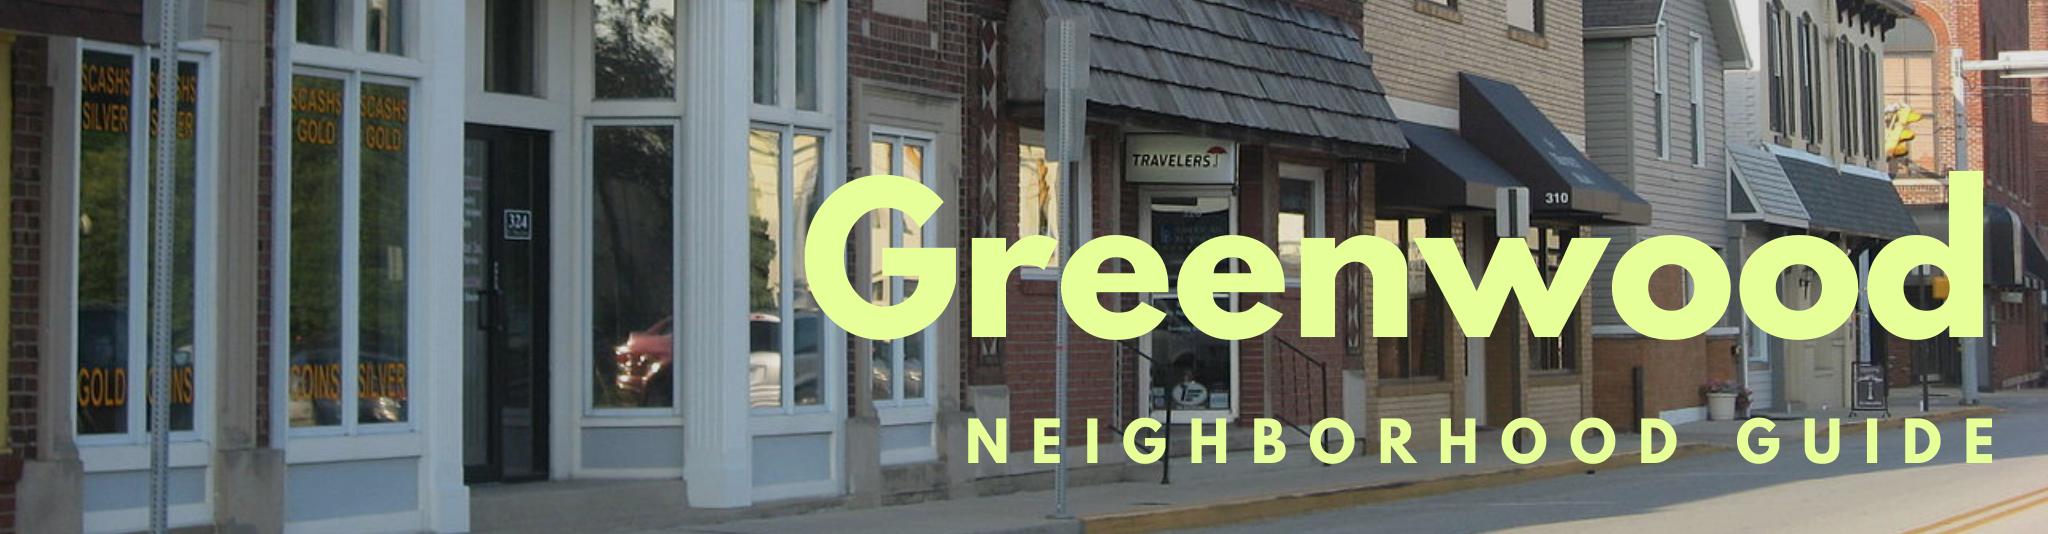 Greenwood Indiana real estate neighborhood guide